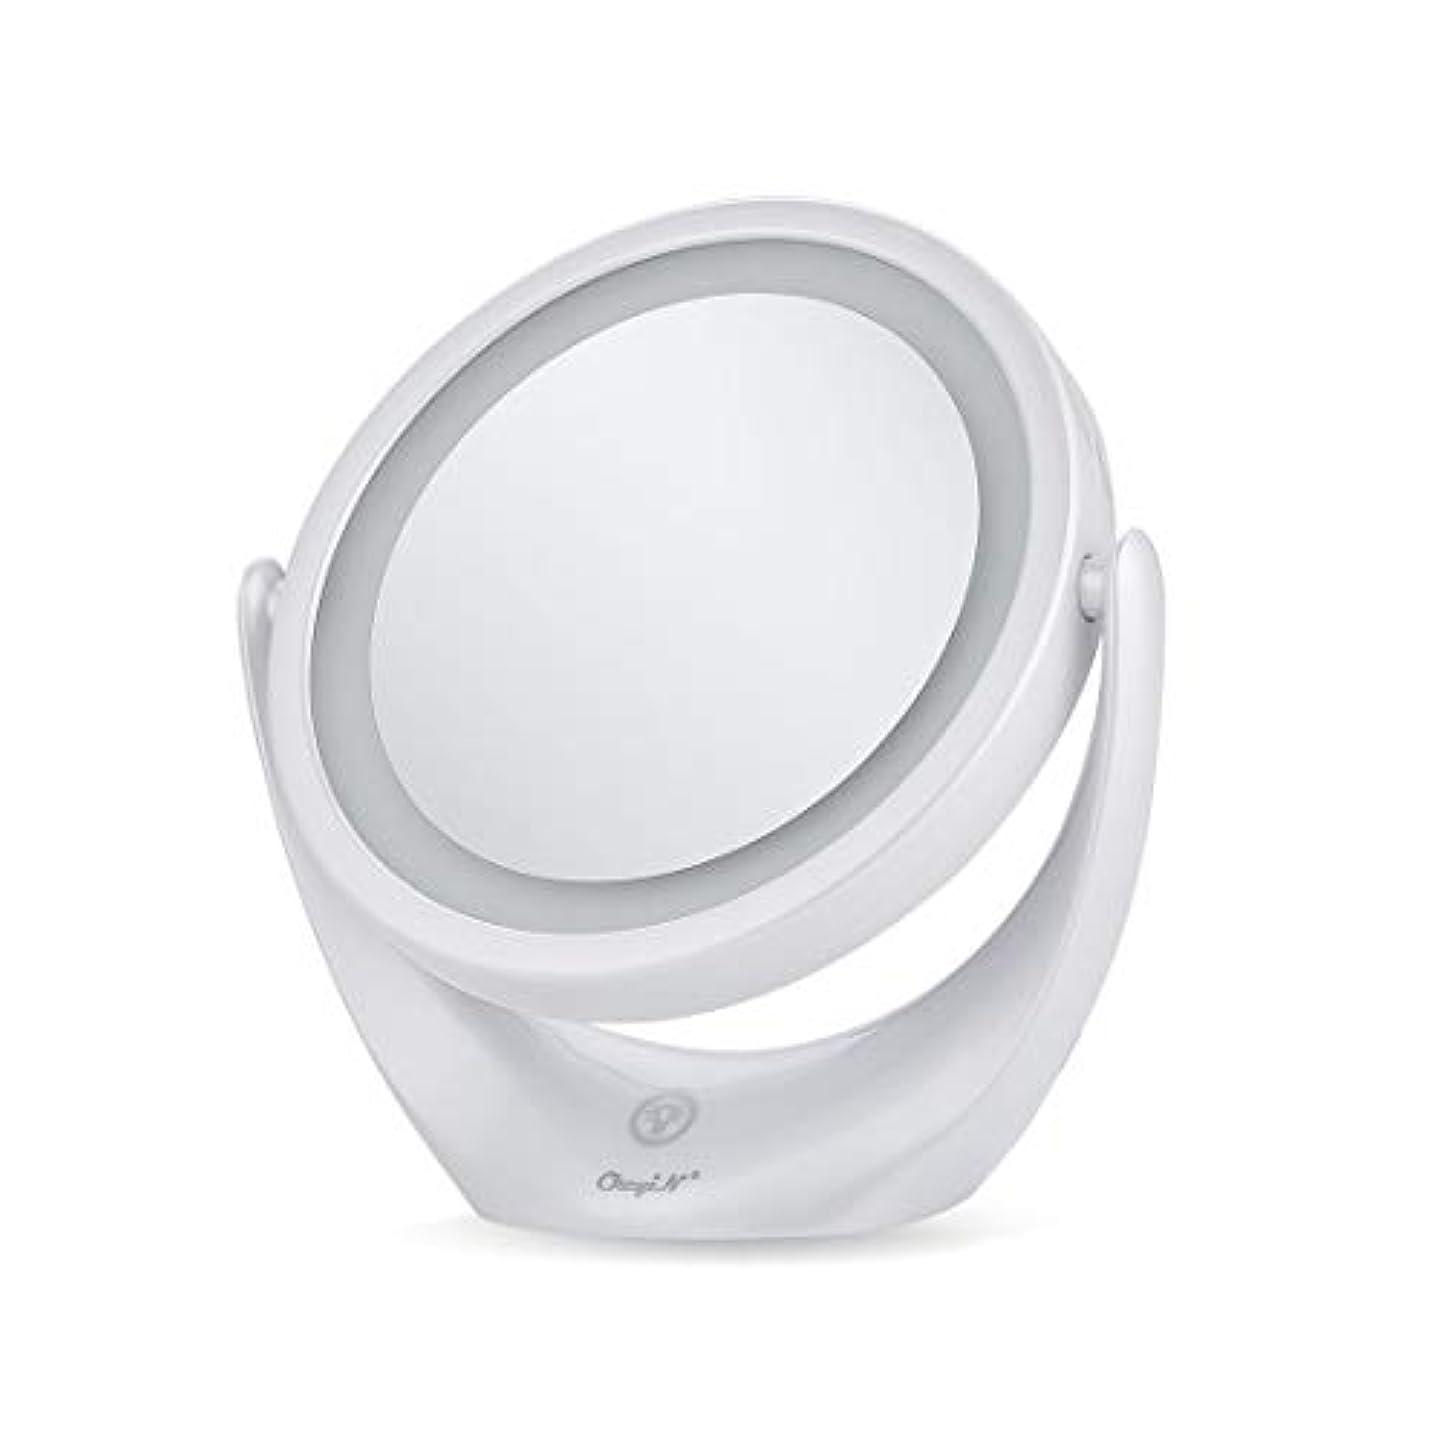 断言する覚醒雄大な卓上ミラー 化粧鏡 スタンドミラー 鏡 両面鏡 浴室鏡 メイクミラー led付き 充電式 1倍/5倍拡大鏡 明るさ調節 360度回転